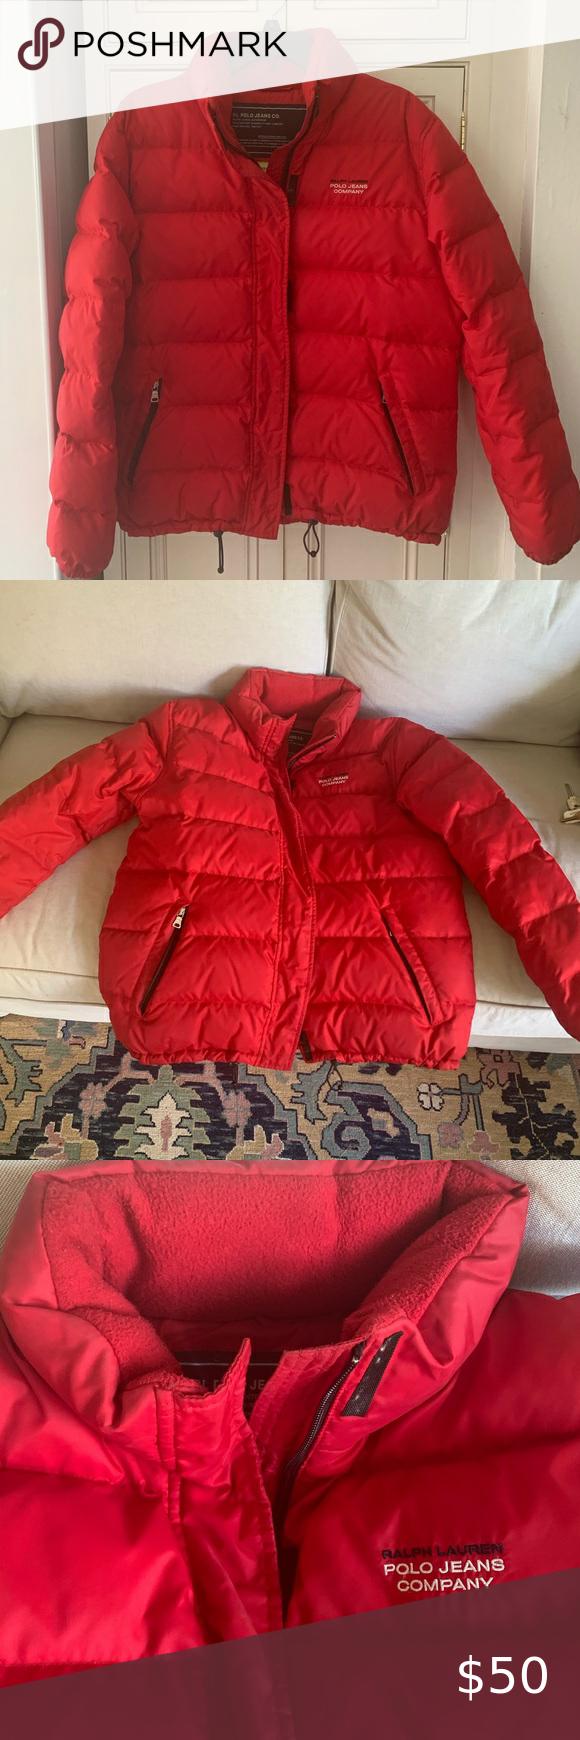 Red Ralph Lauren Polo Jacket Red Puff Jacket Down Filled Polo By Ralph Lauren Jackets Coats Puffers Ralph Lauren Polo Jackets Polo Jackets Polo Ralph Lauren [ 1740 x 580 Pixel ]